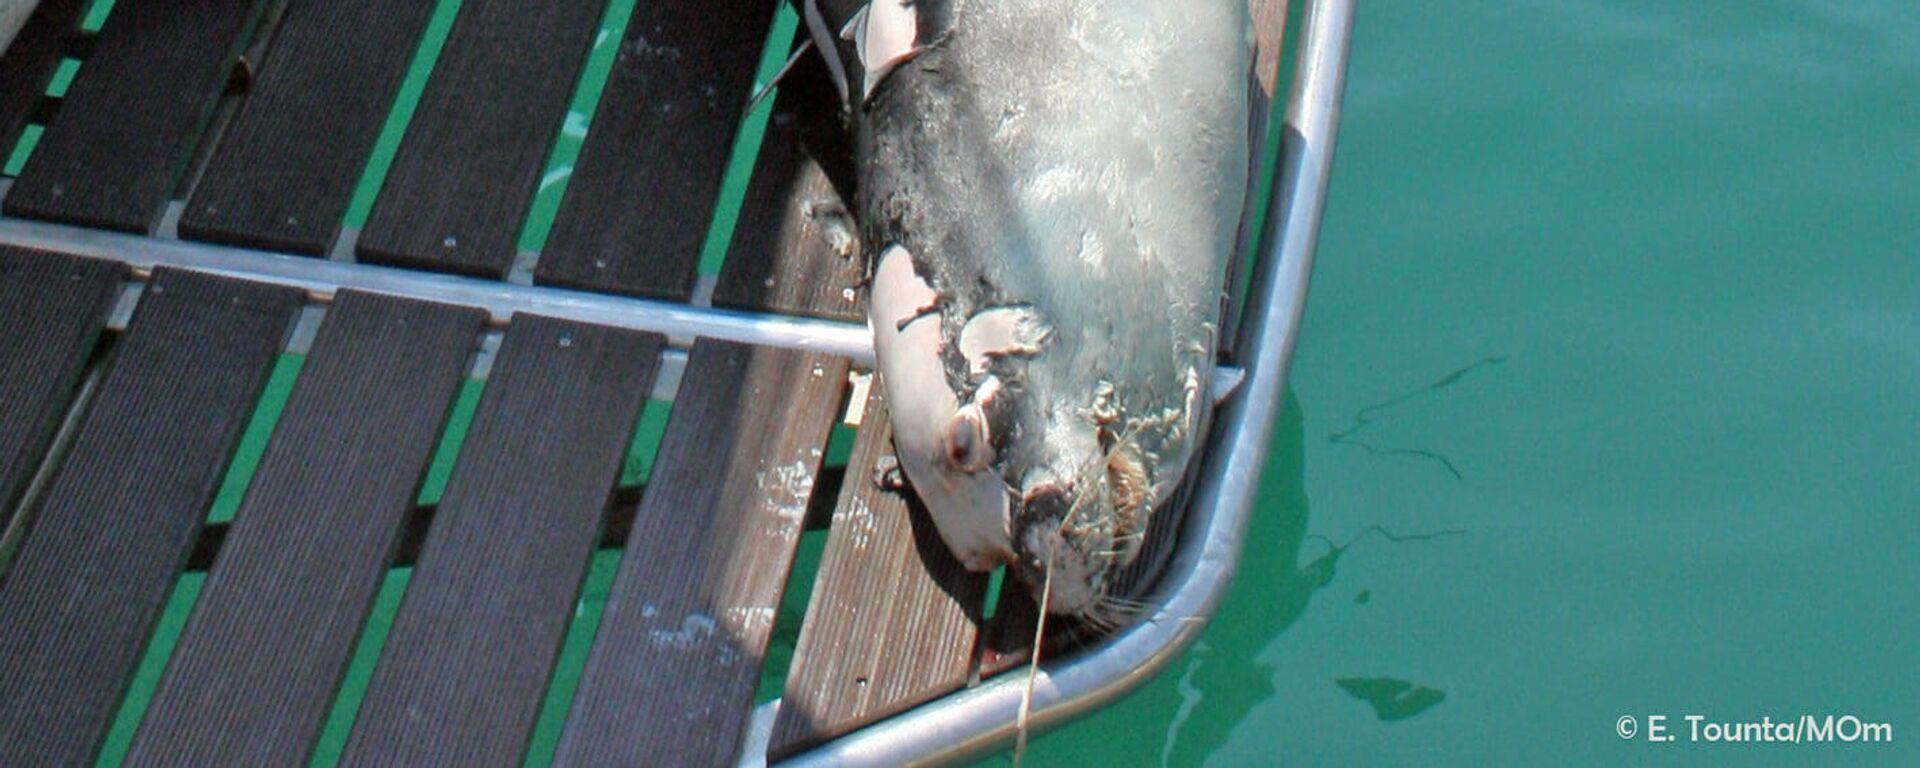 Βάρβαρο έγκλημα στην Αλόννησο: Δολοφόνησαν τη φώκια - μασκότ Κωστή - Sputnik Ελλάδα, 1920, 25.07.2021